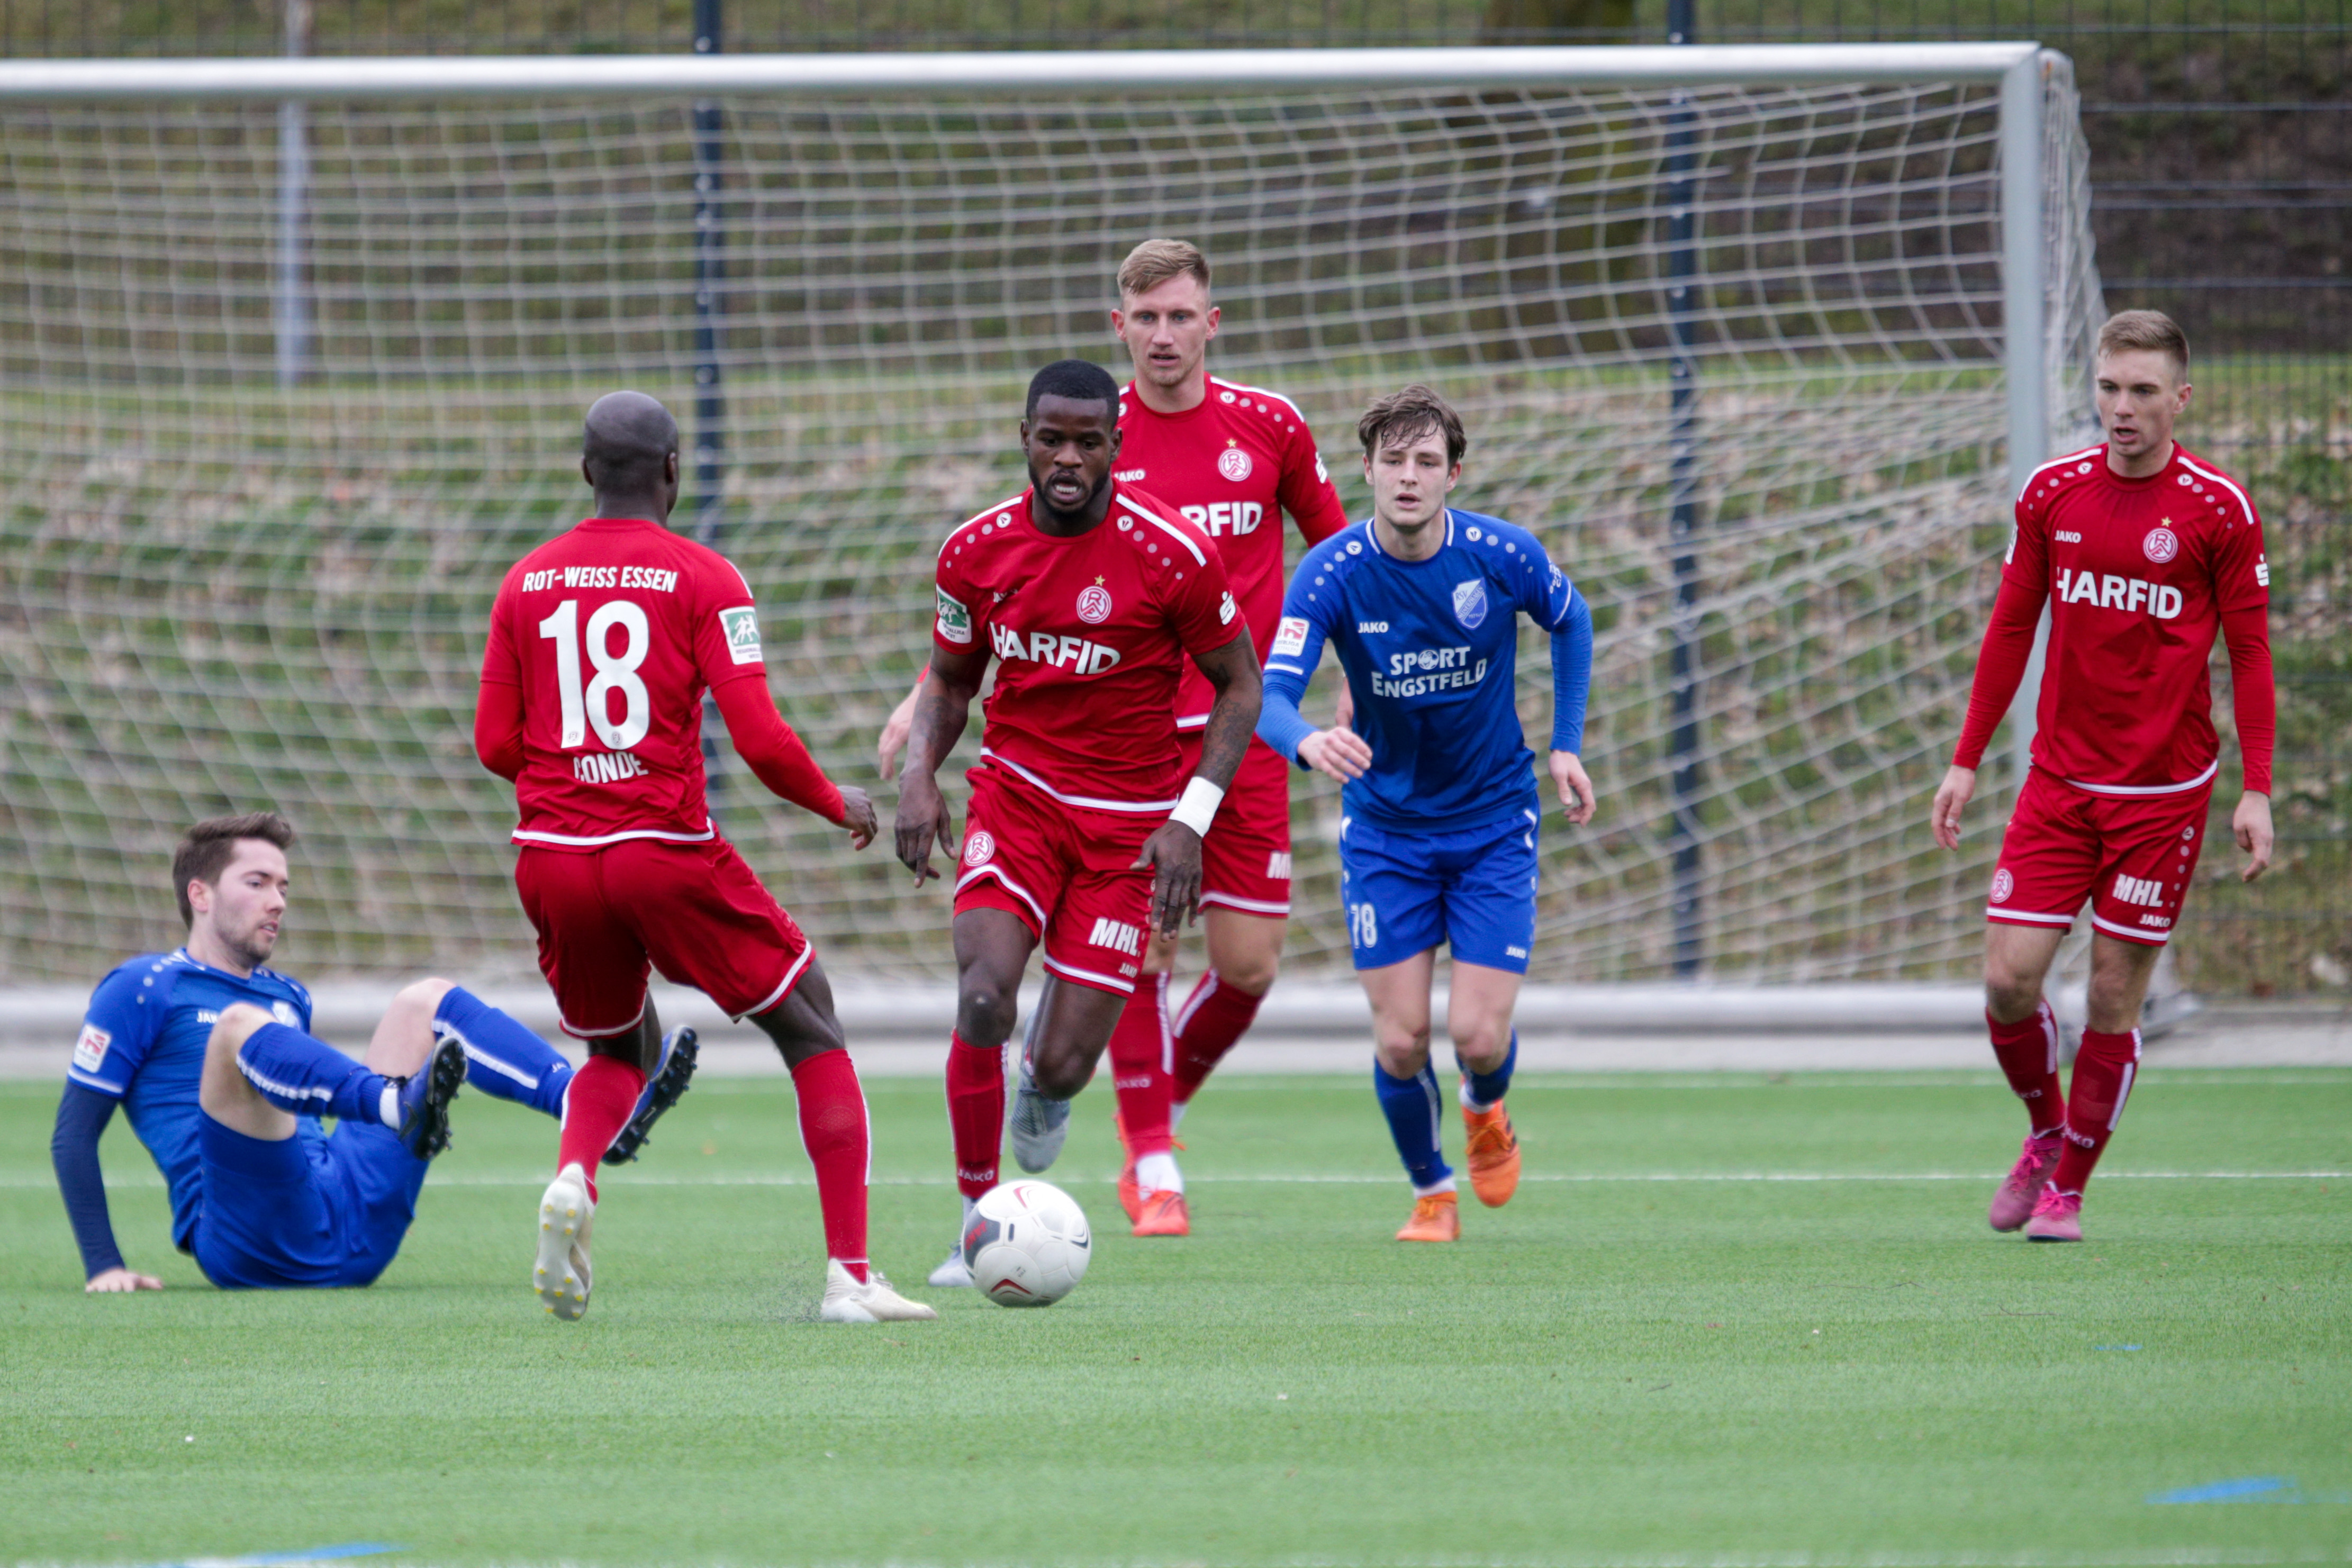 Die Rot-Weissen entschieden das Testspiel gegen den RSV Meinerzhagen klar für sich. (Foto: Endberg)